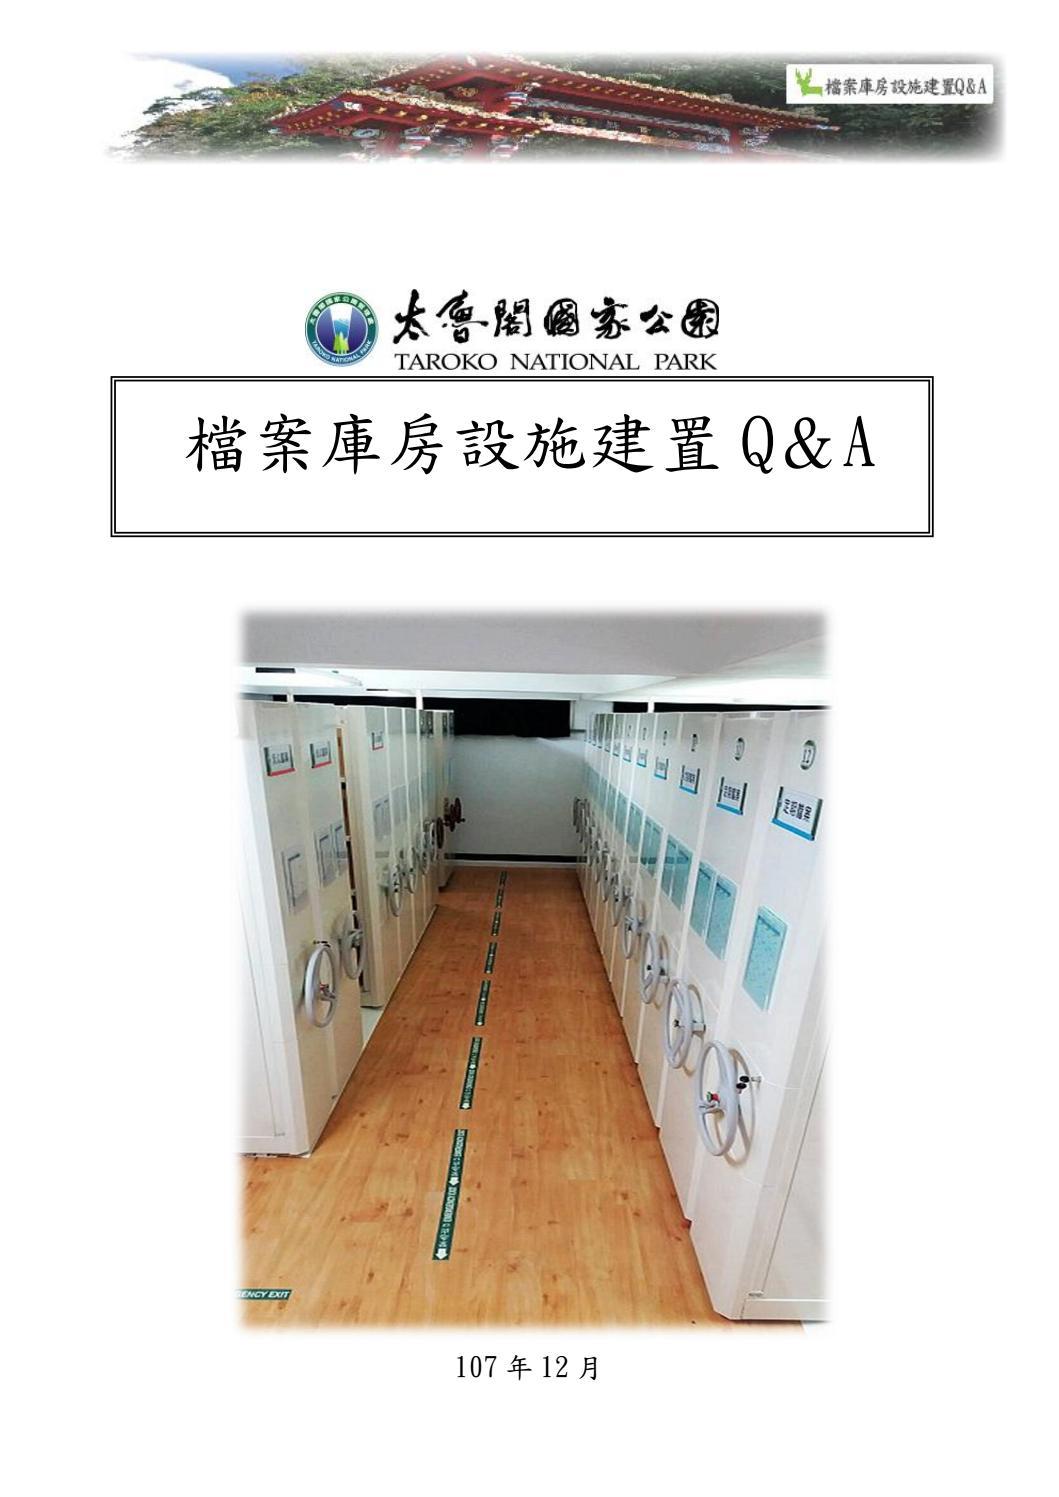 檔案庫房設施建置Q&A電子書 by tarokotnp - Issuu